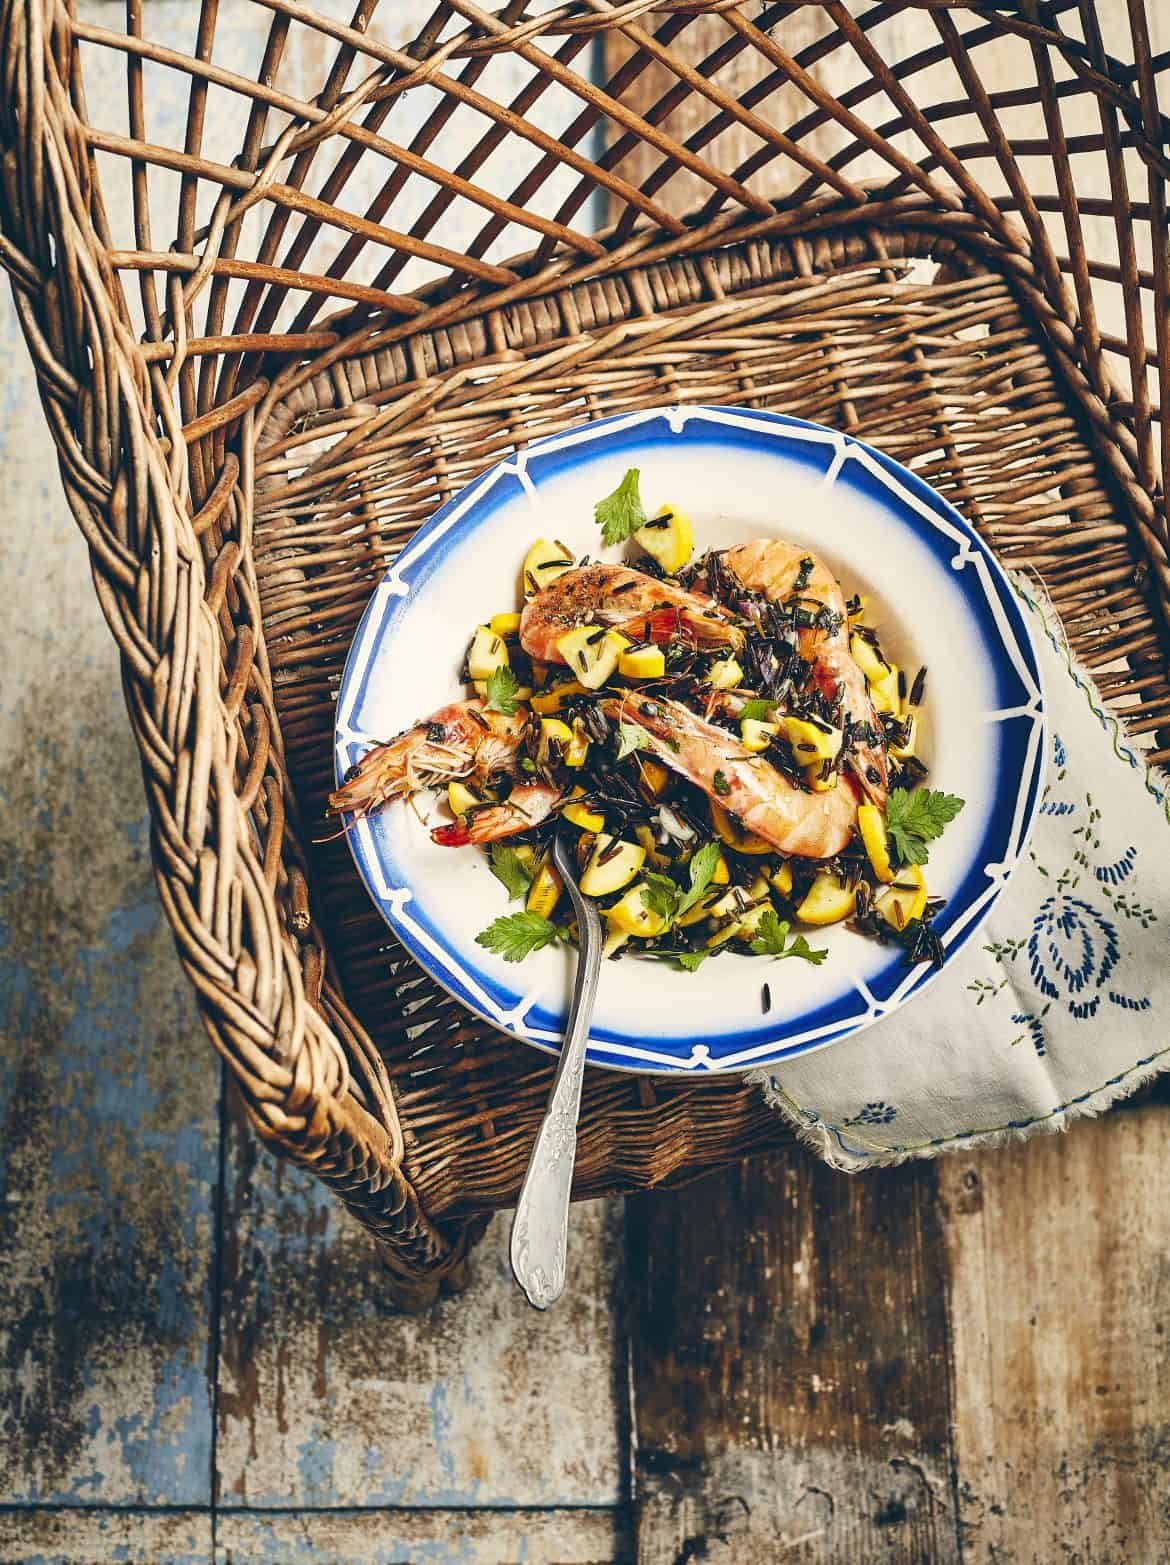 Salade de riz noir, courgette et crevettes sautées